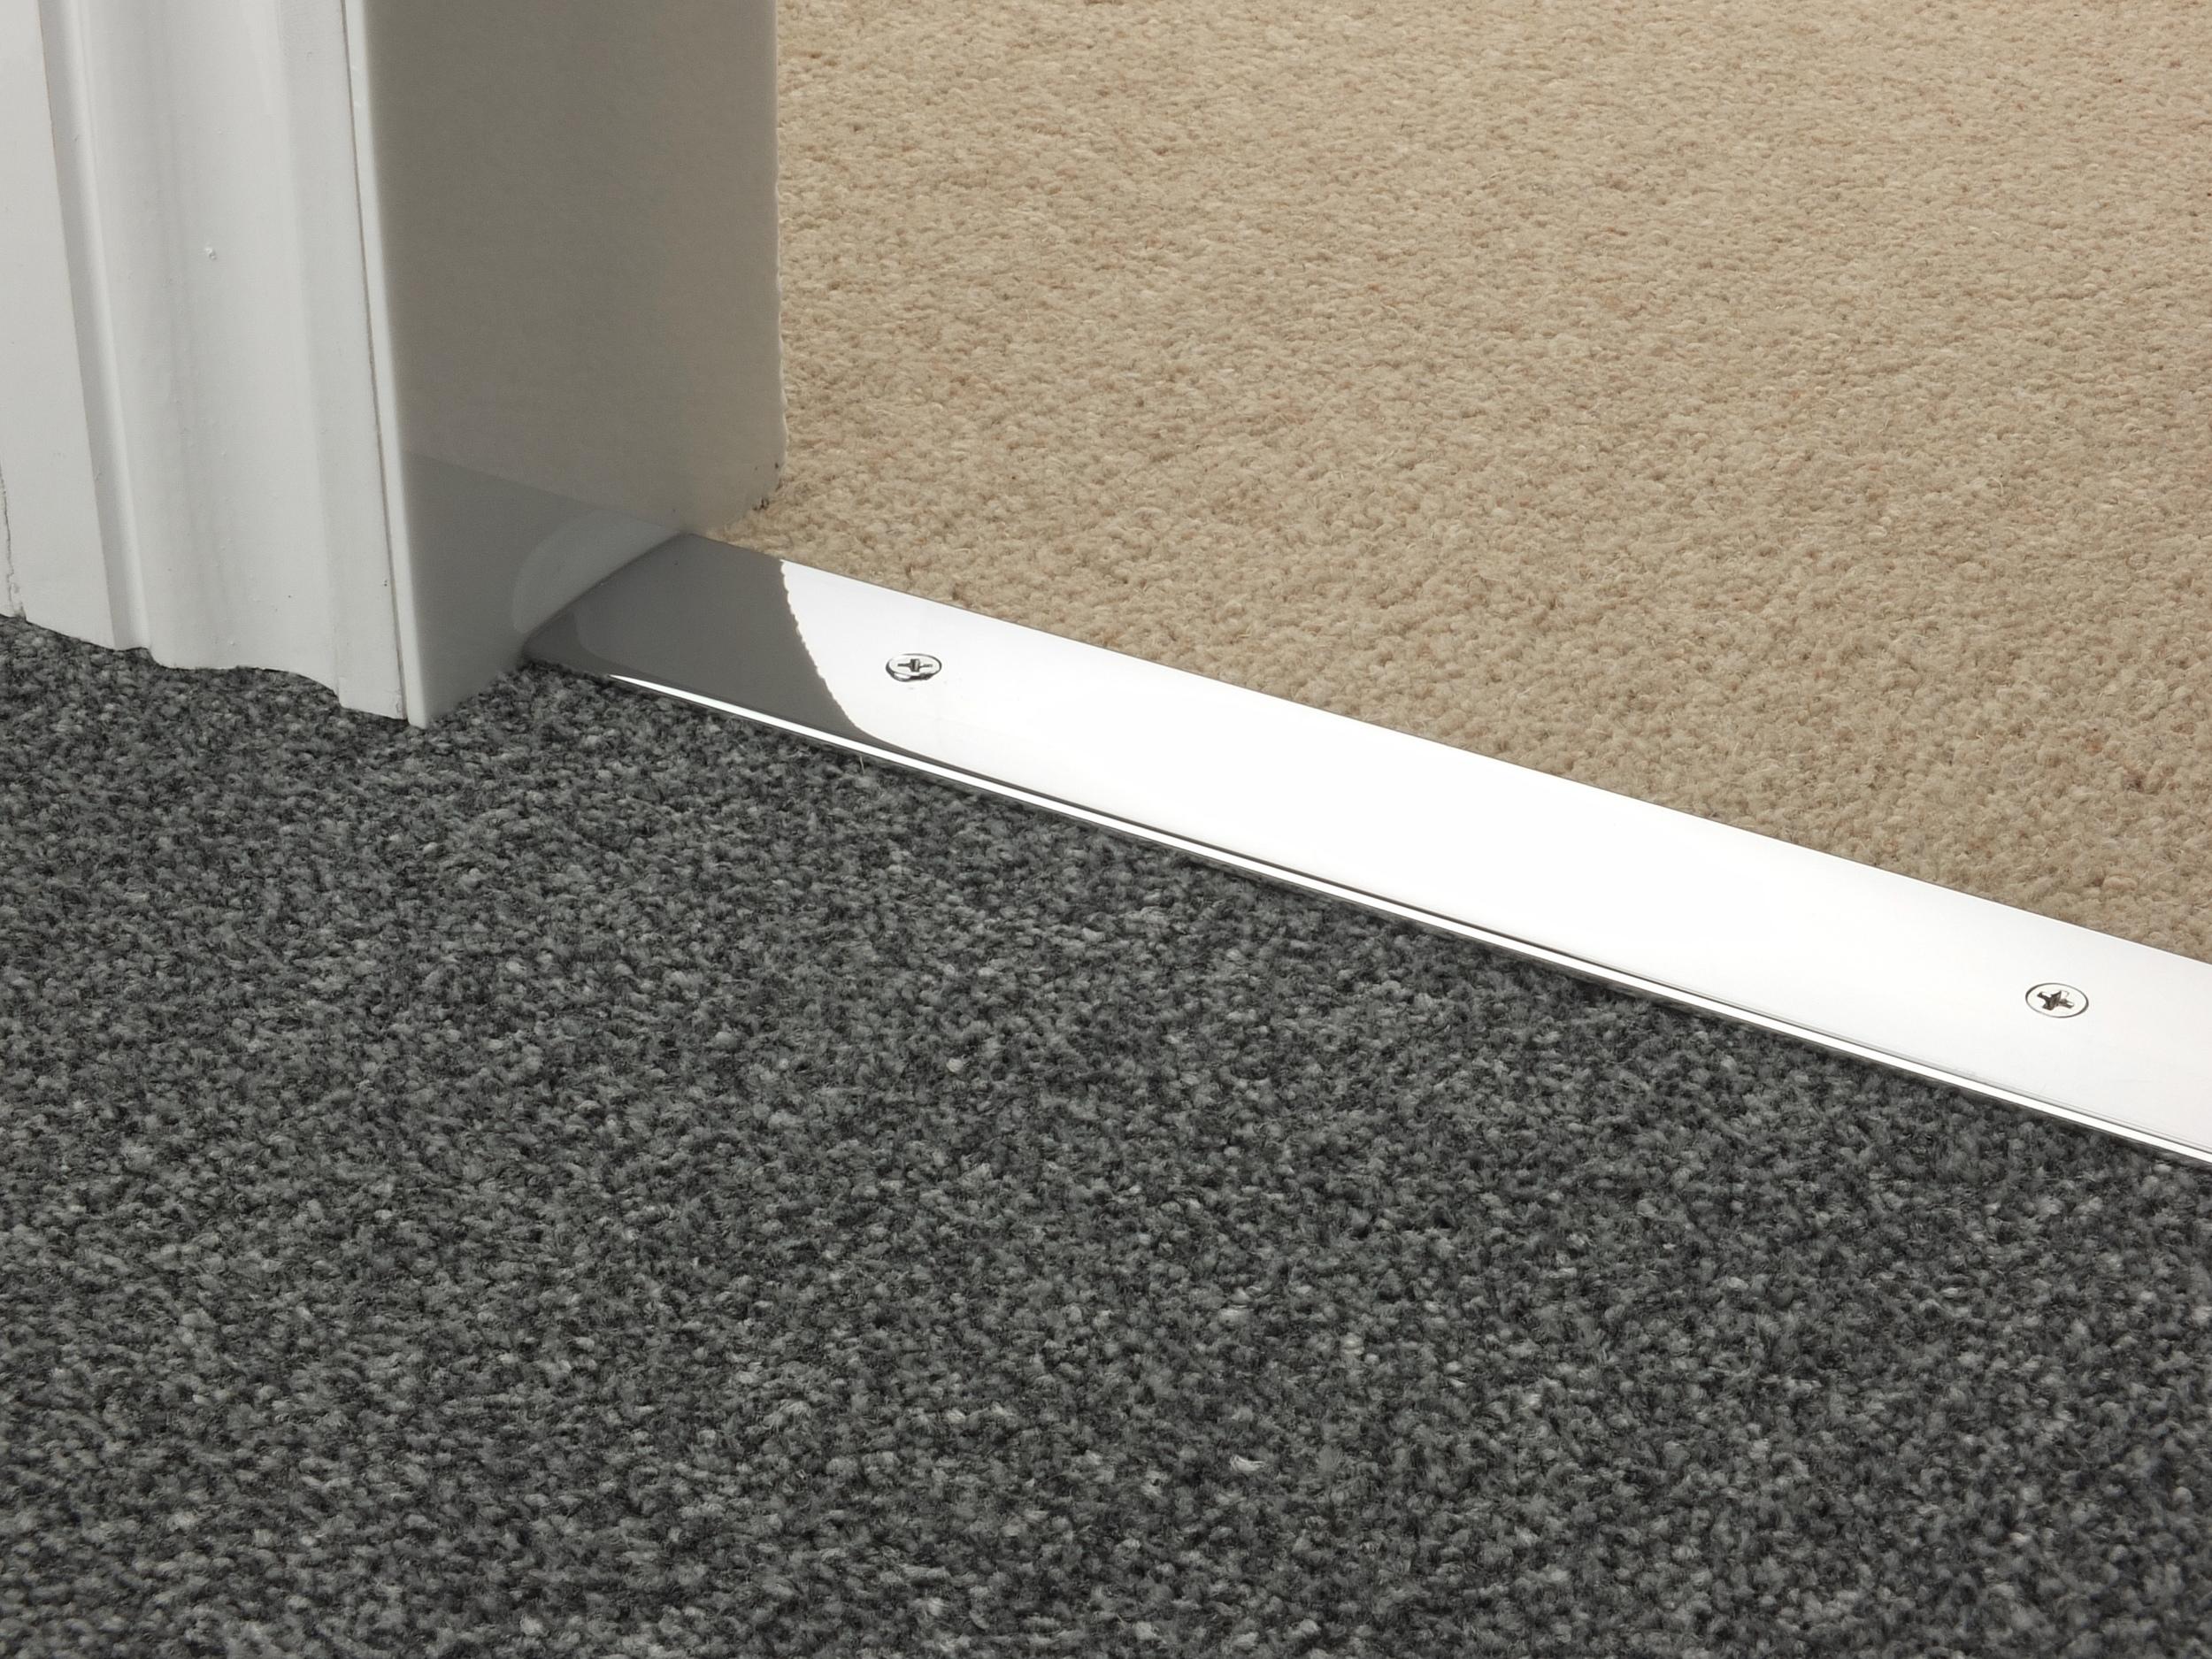 door_bar_chrome_cover_carpet_carpet.jpg